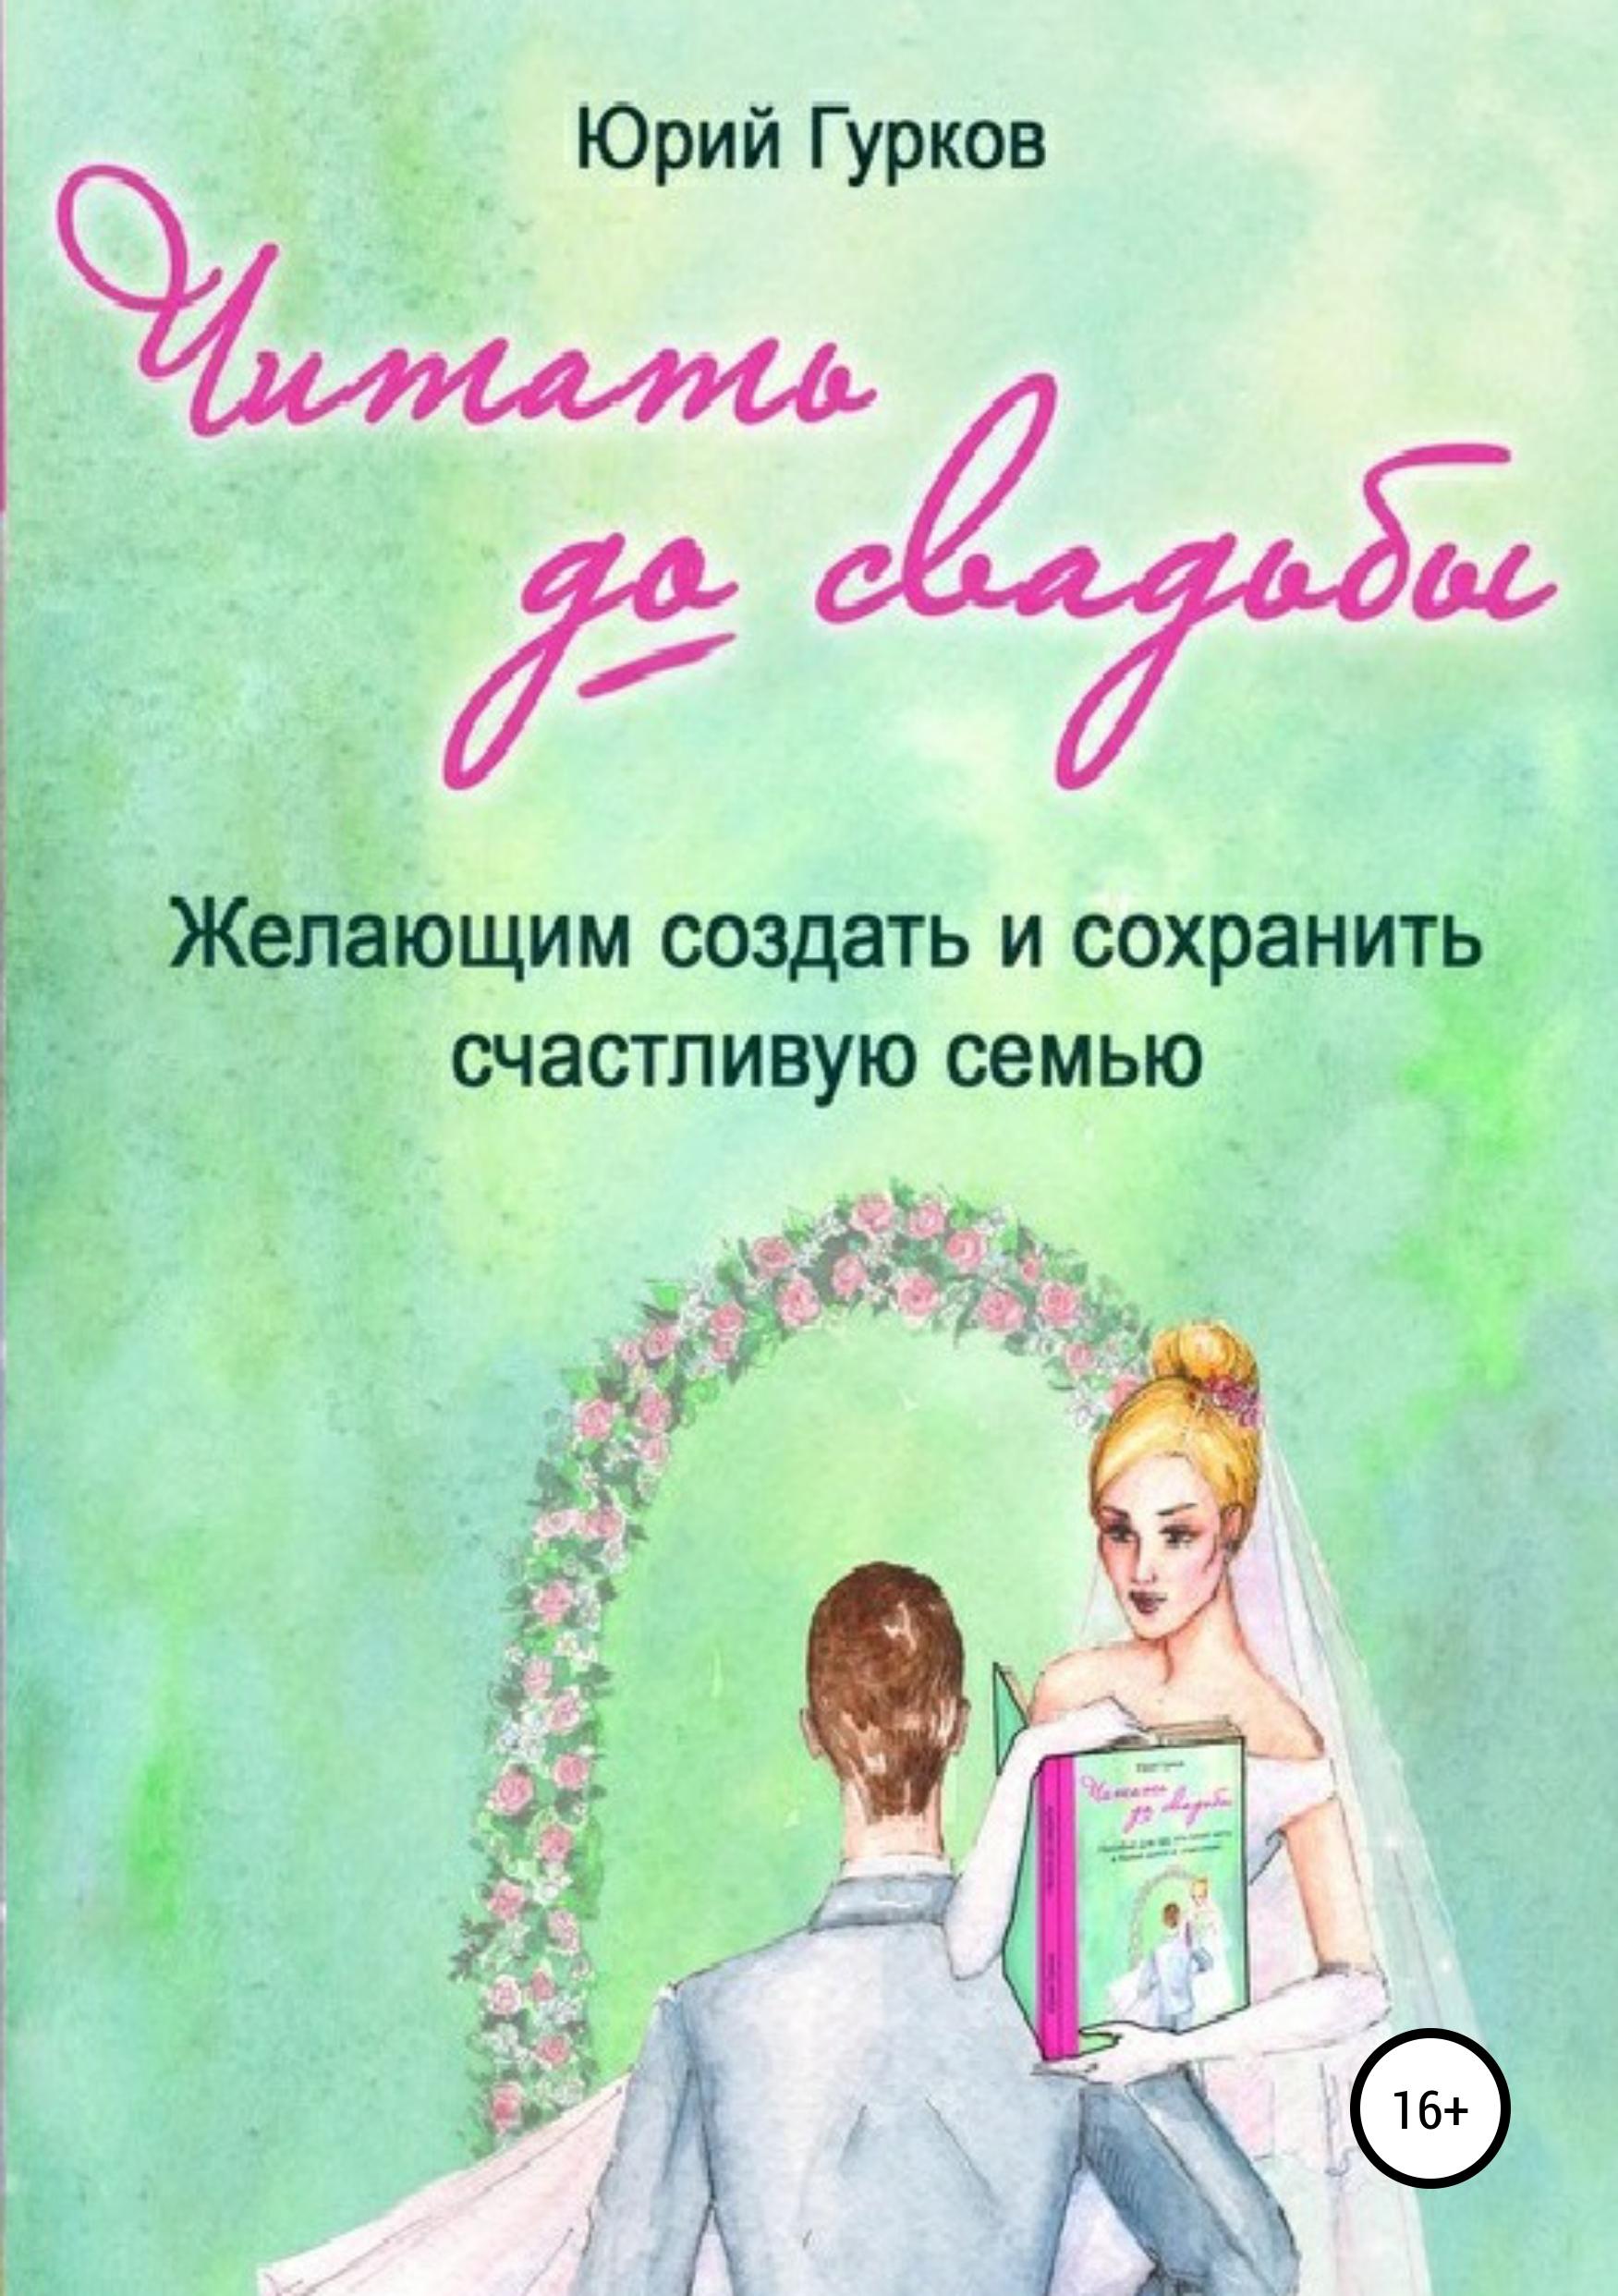 Юрий Николаевич Гурков Читать до свадьбы